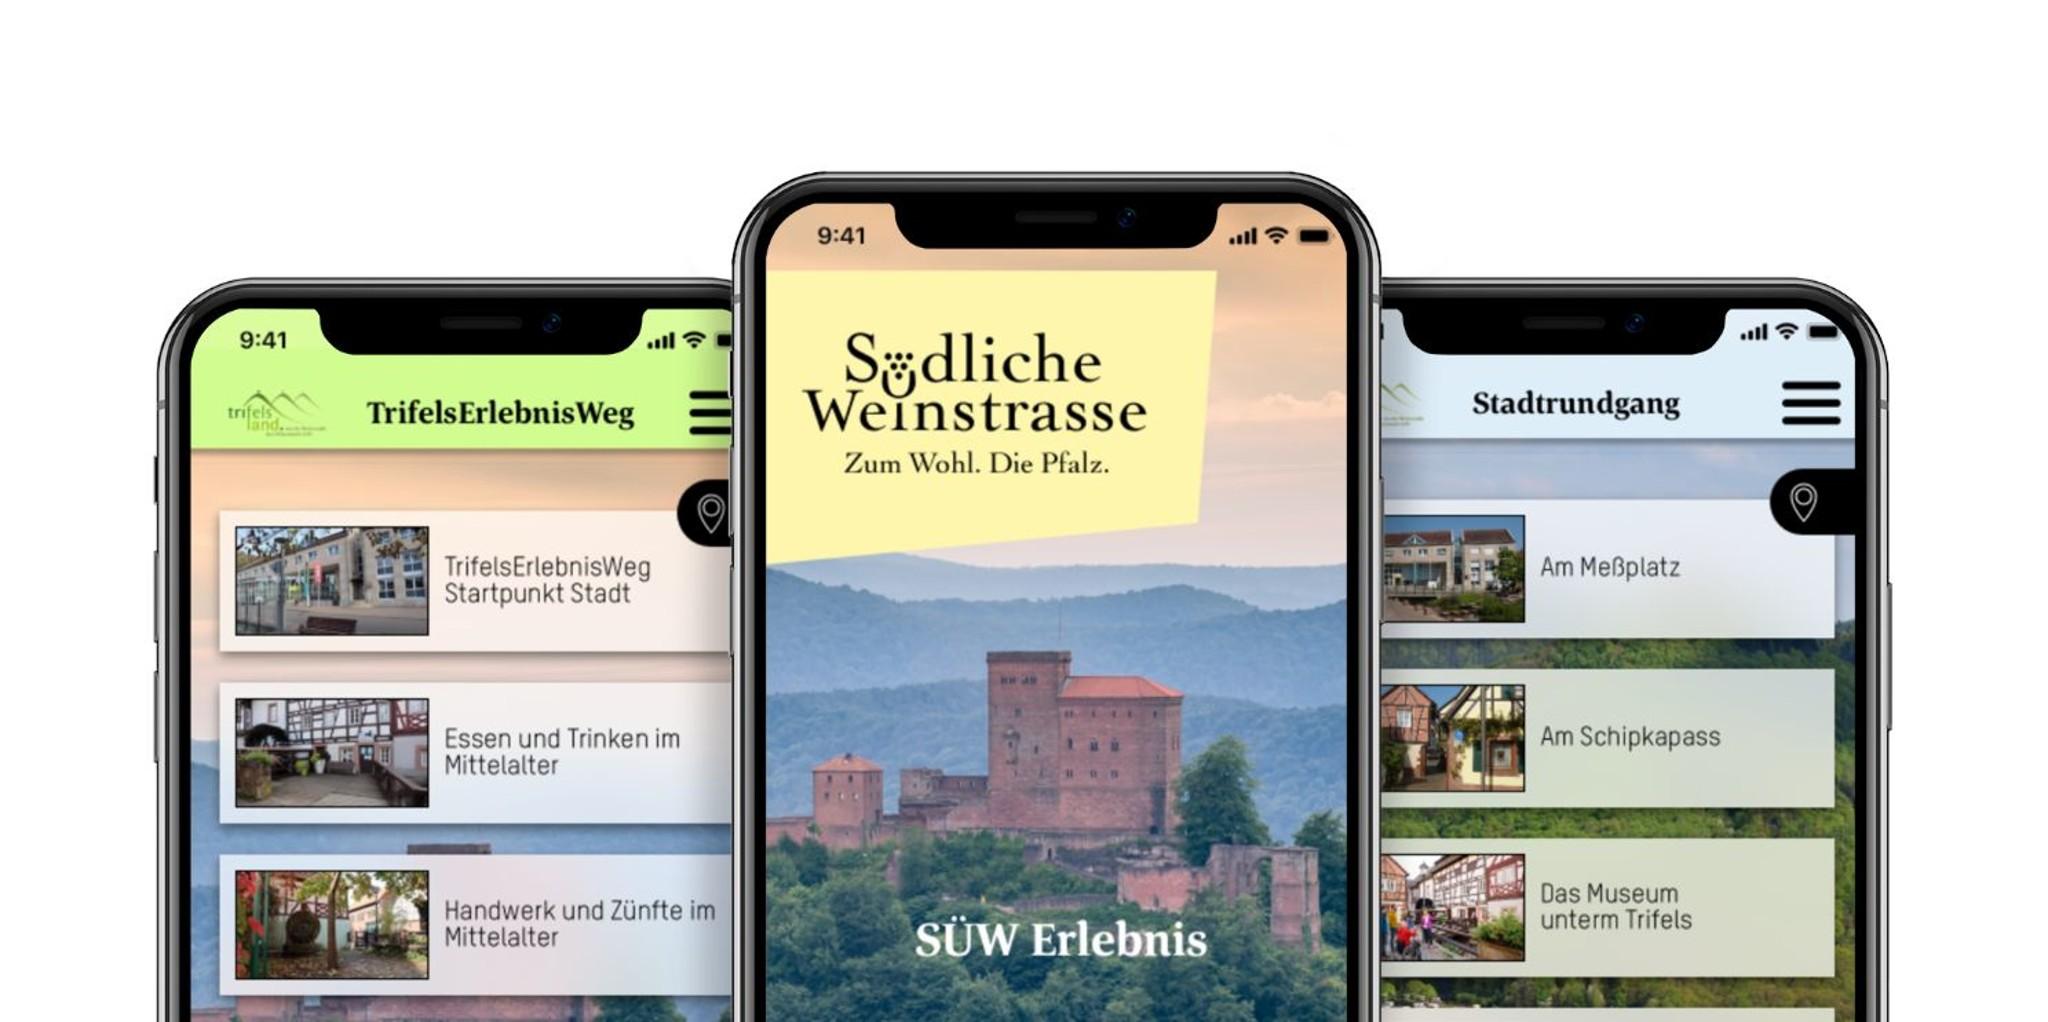 Digital Tourism App